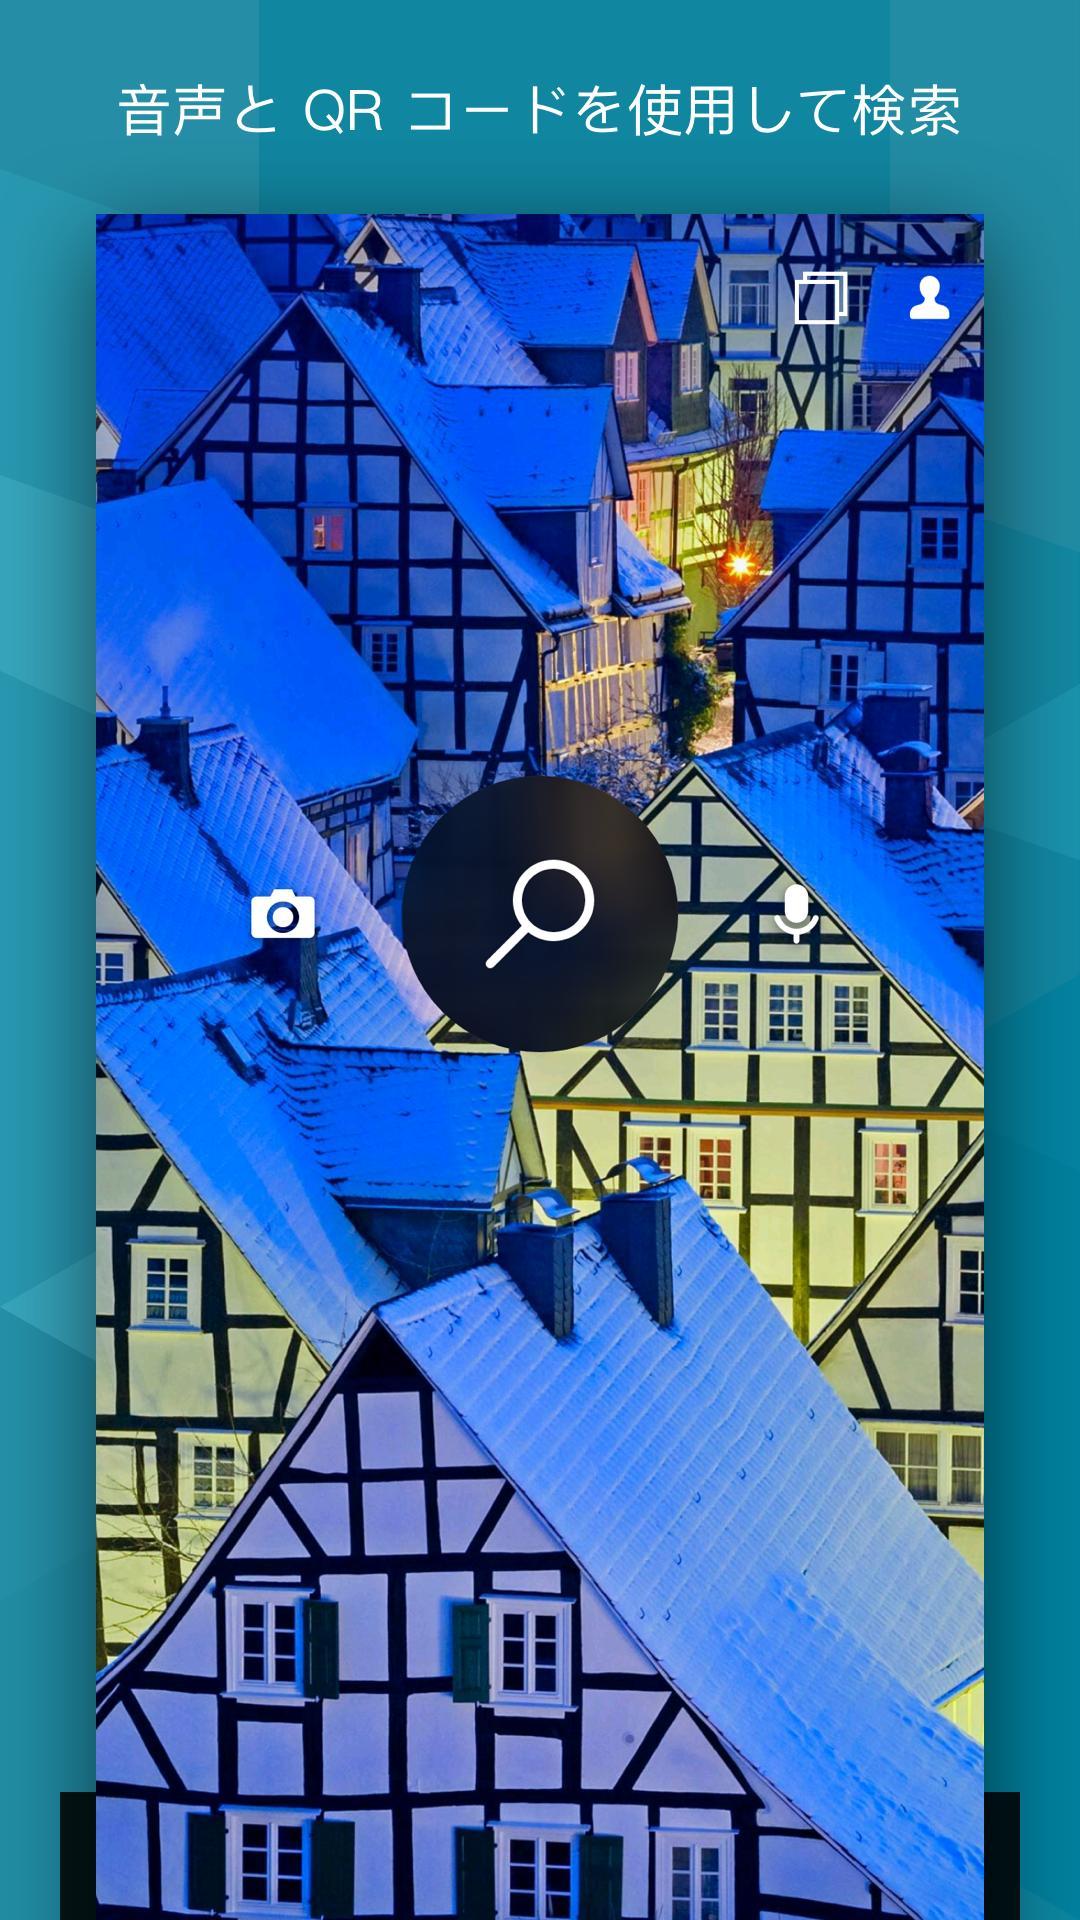 Android 用の Microsoft Bing 検索 Apk をダウンロード